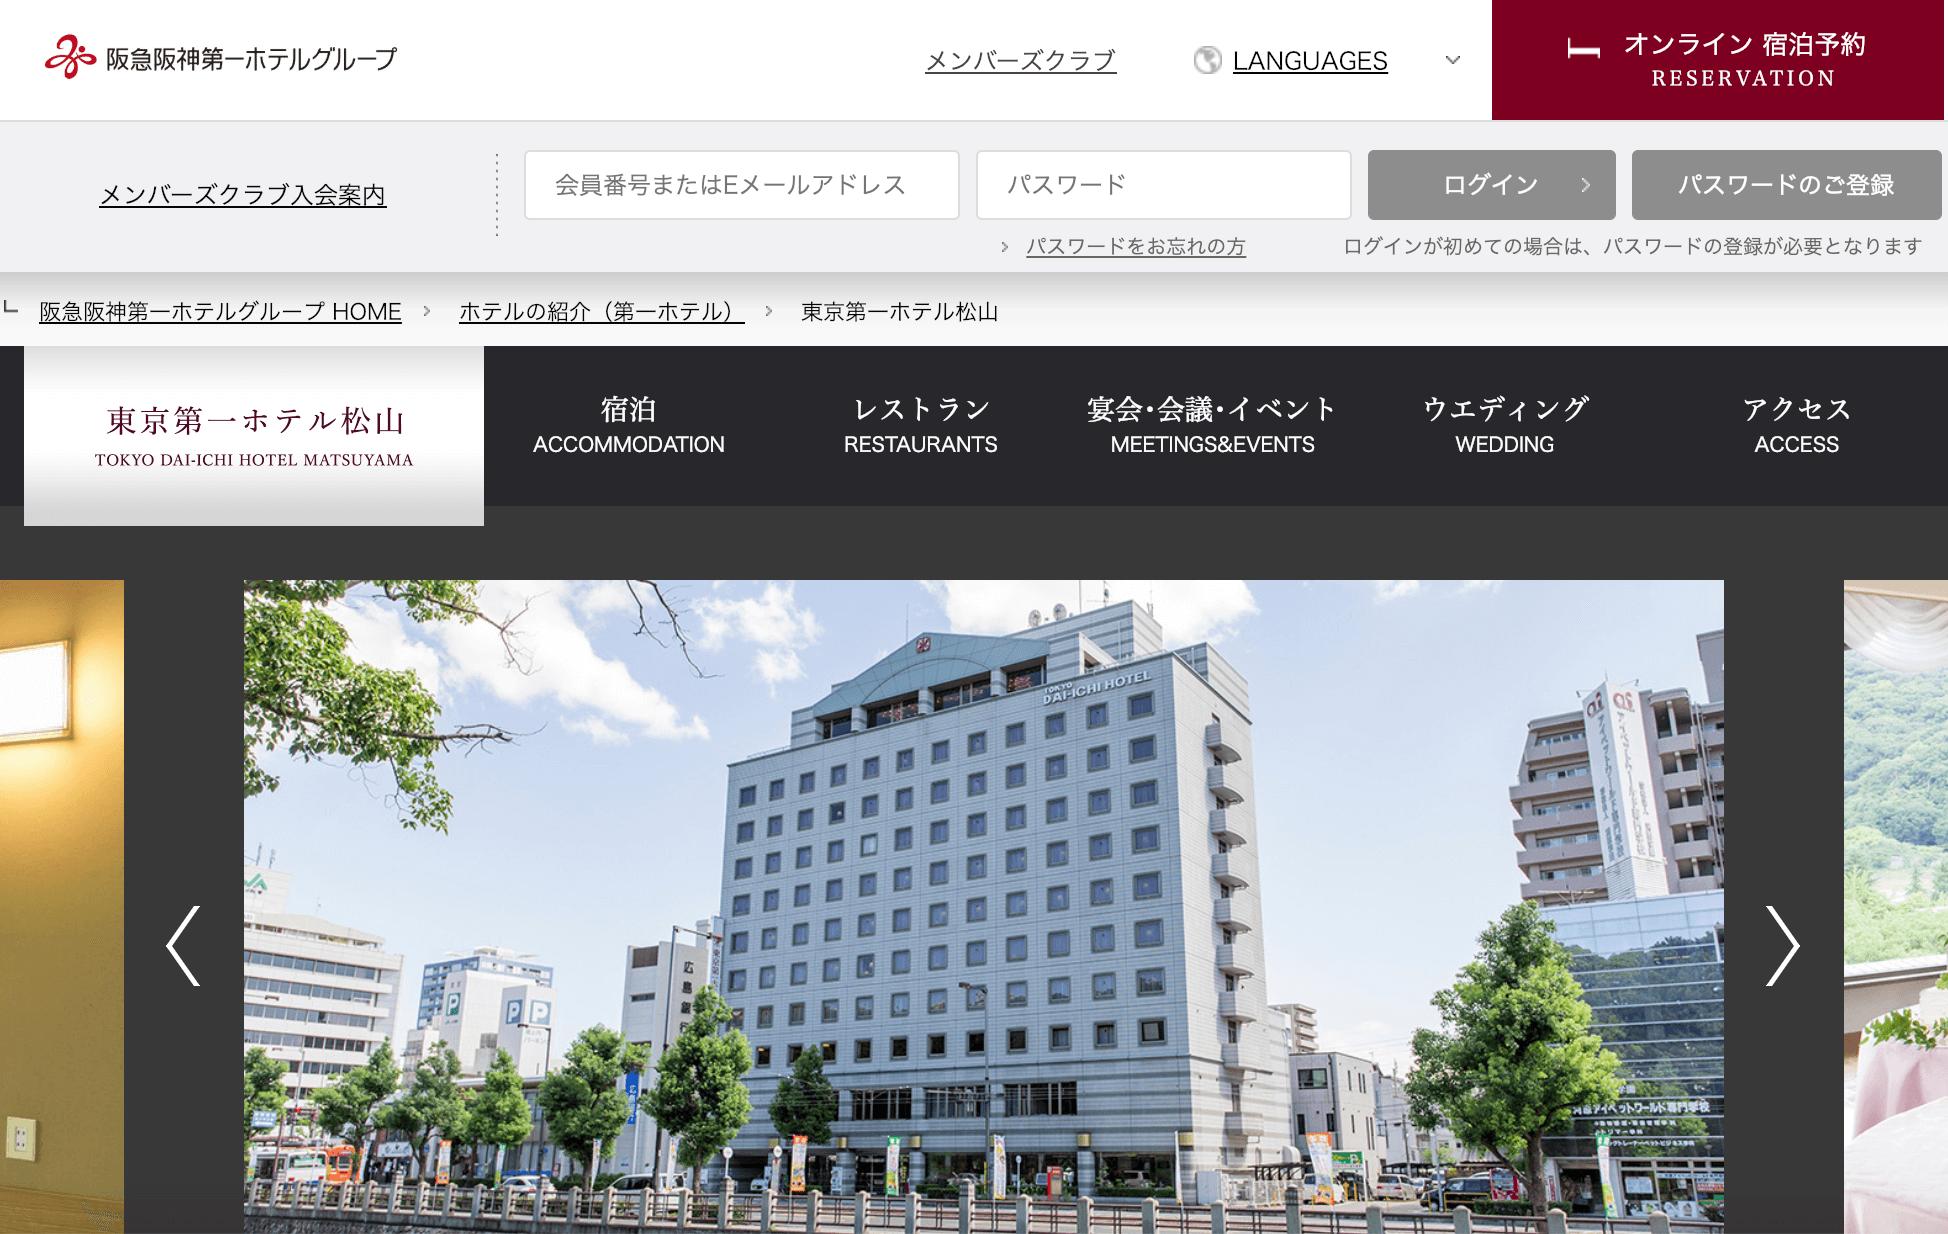 愛媛でパパ活におすすめなホテル「東京第一ホテル松山」